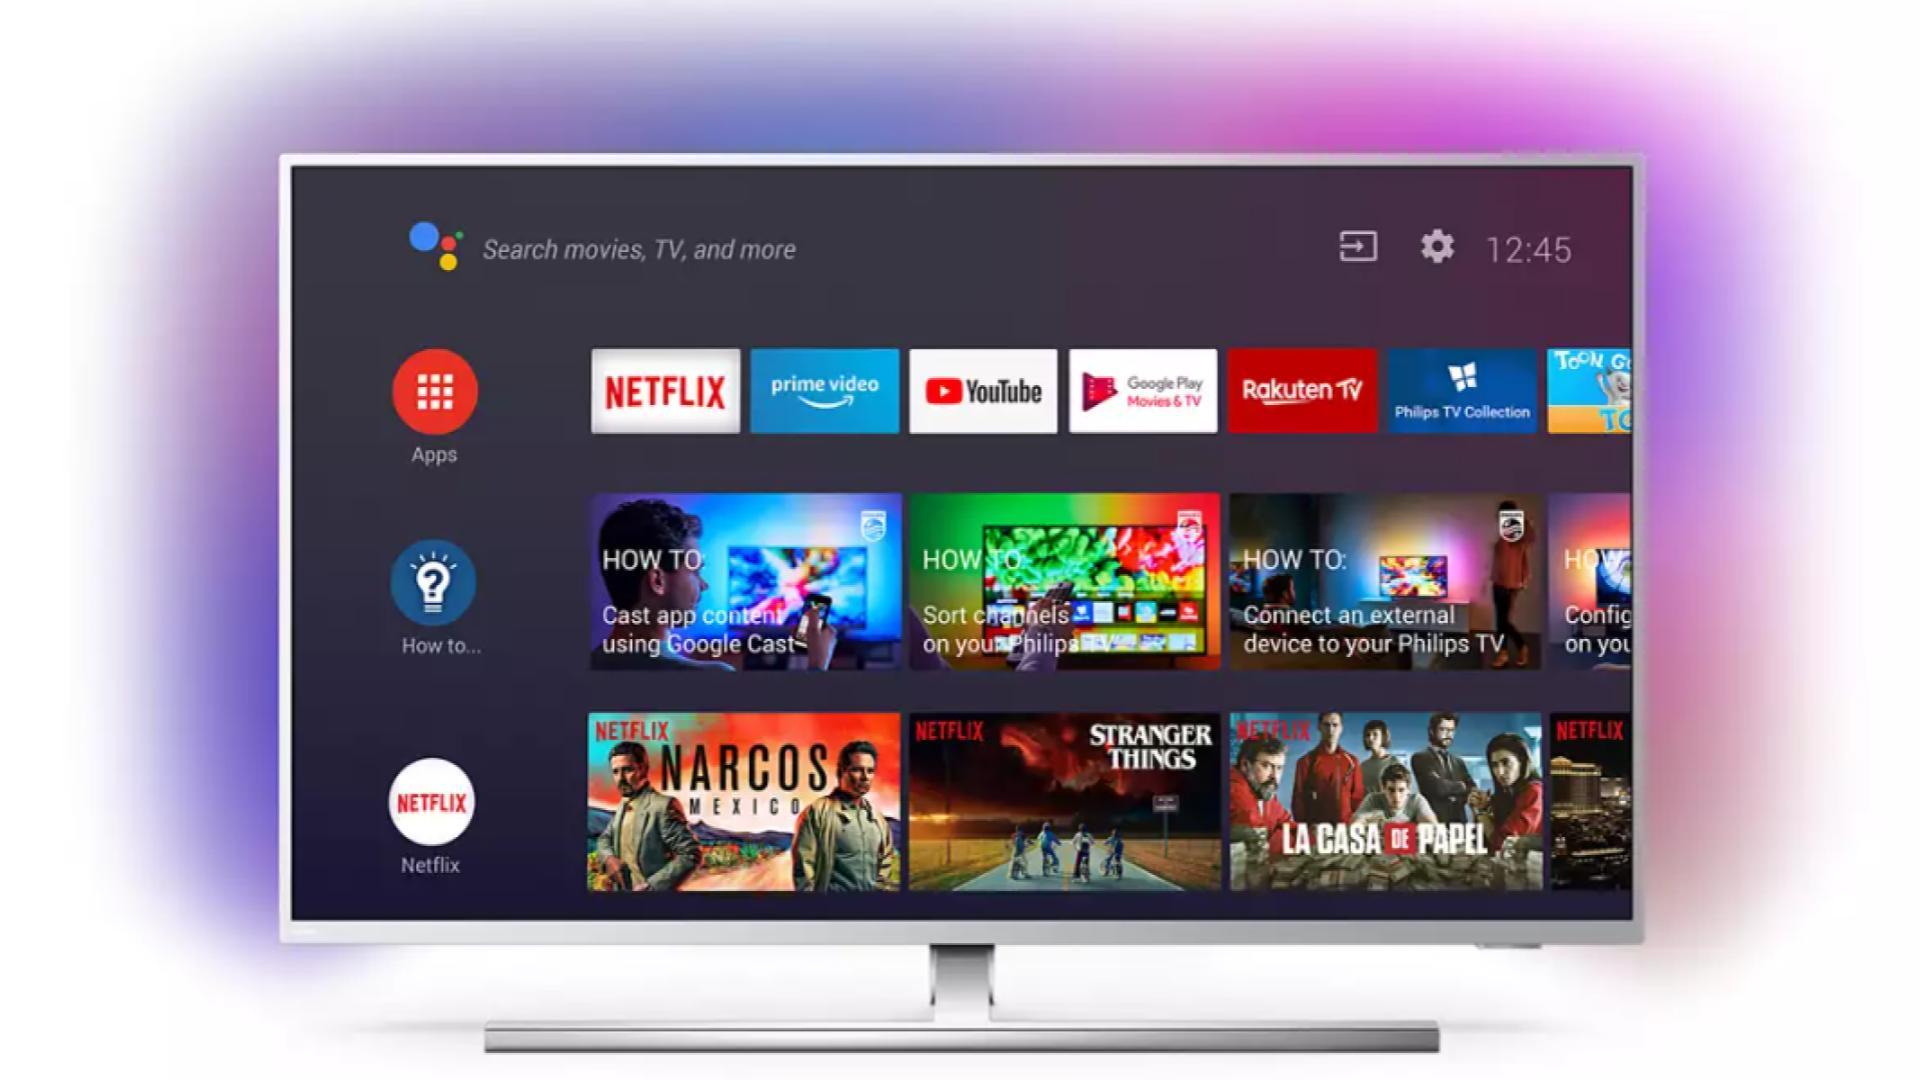 La TV Philips The One (2020) 65 pouces est à moins de 800 euros - Le Journal du Geek